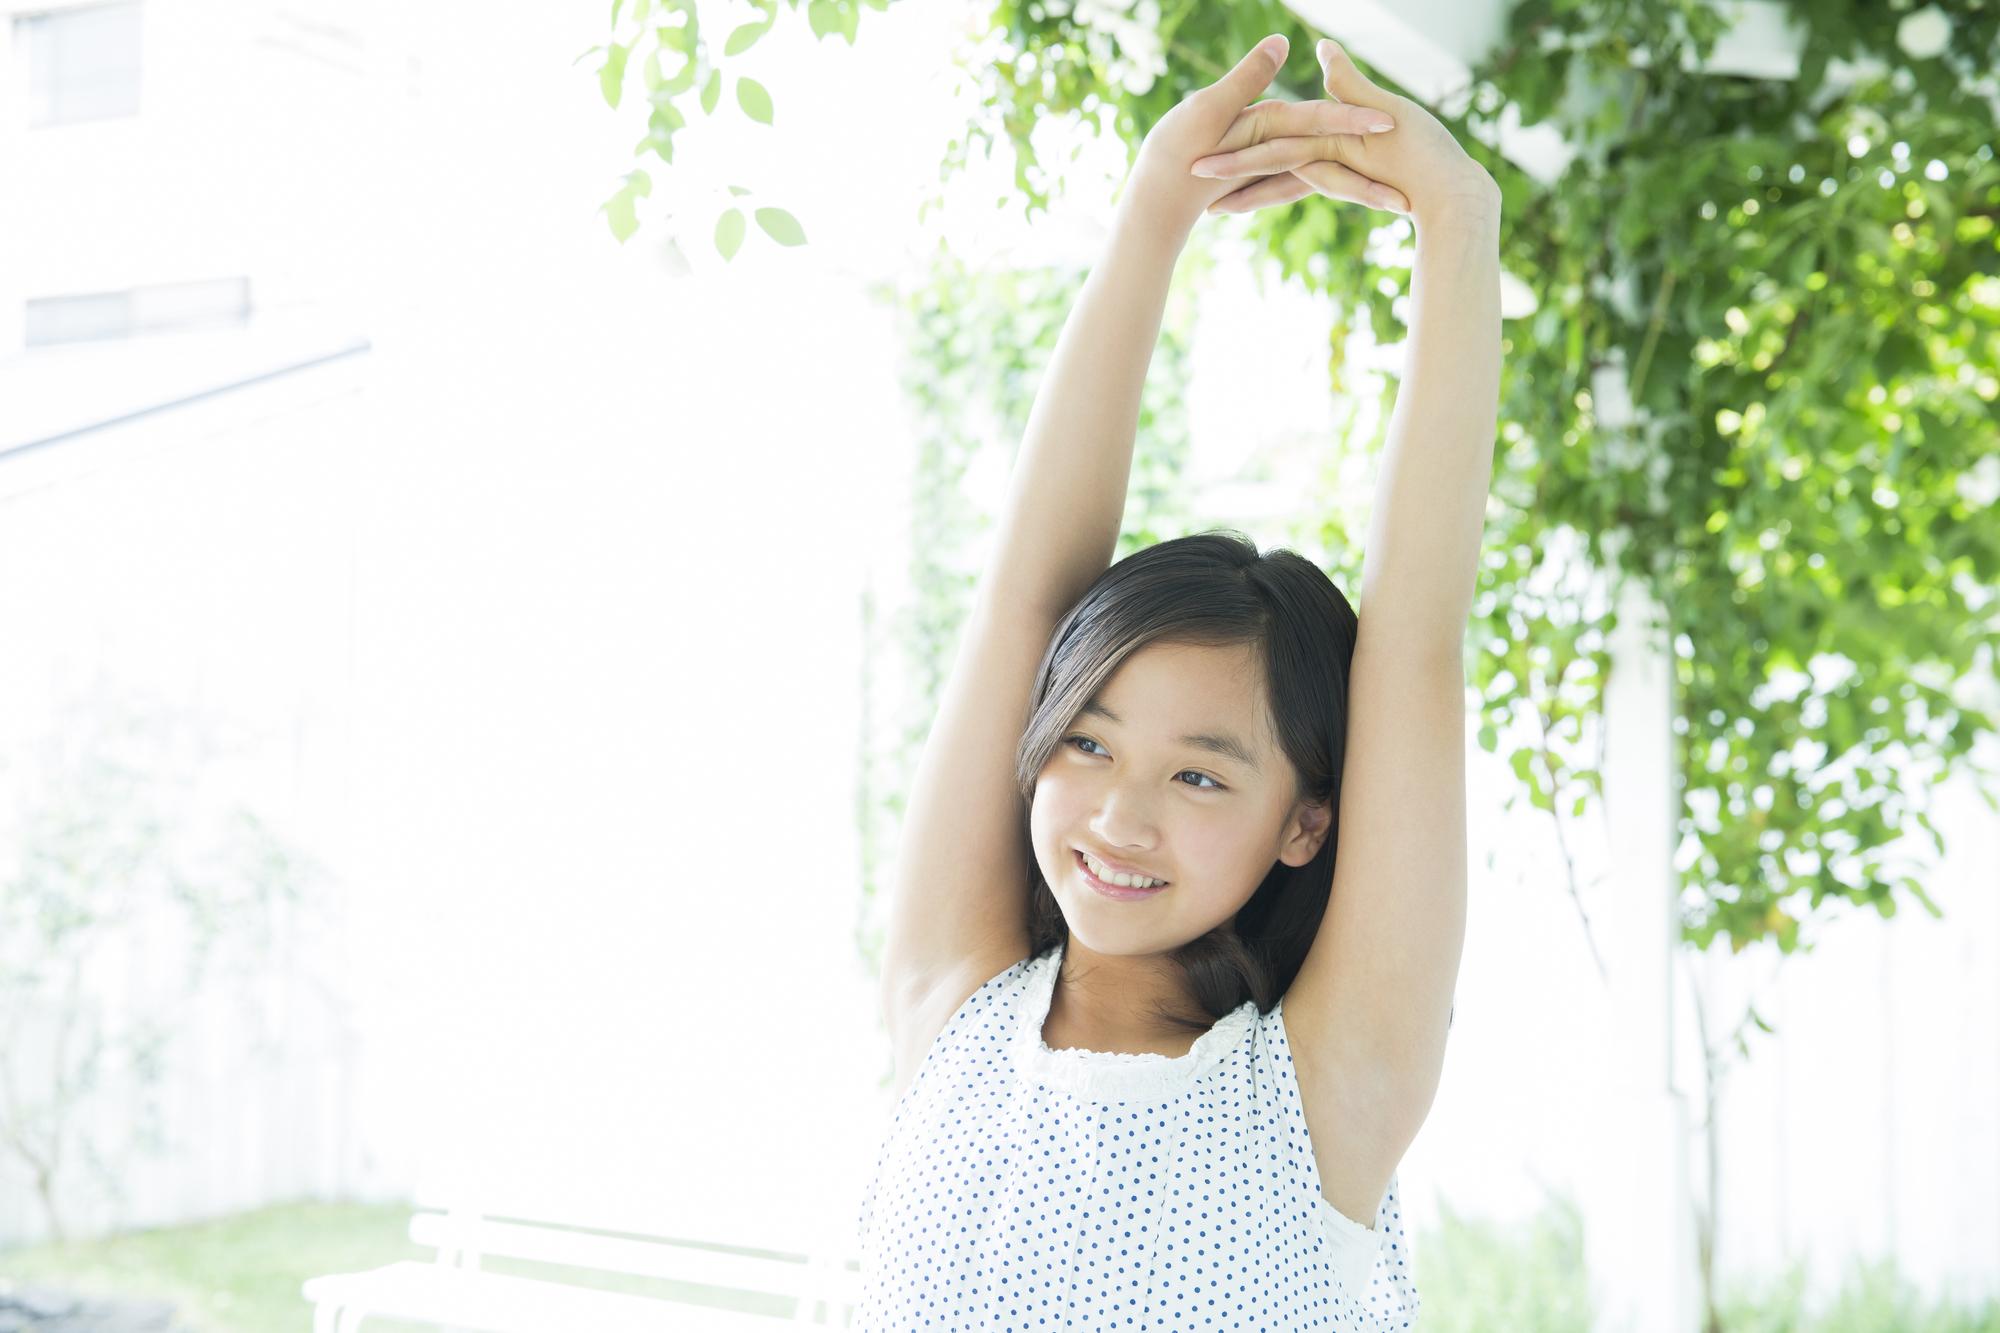 10代女性の薄毛の原因は生活習慣にあり!今からはじめる抜け毛対策